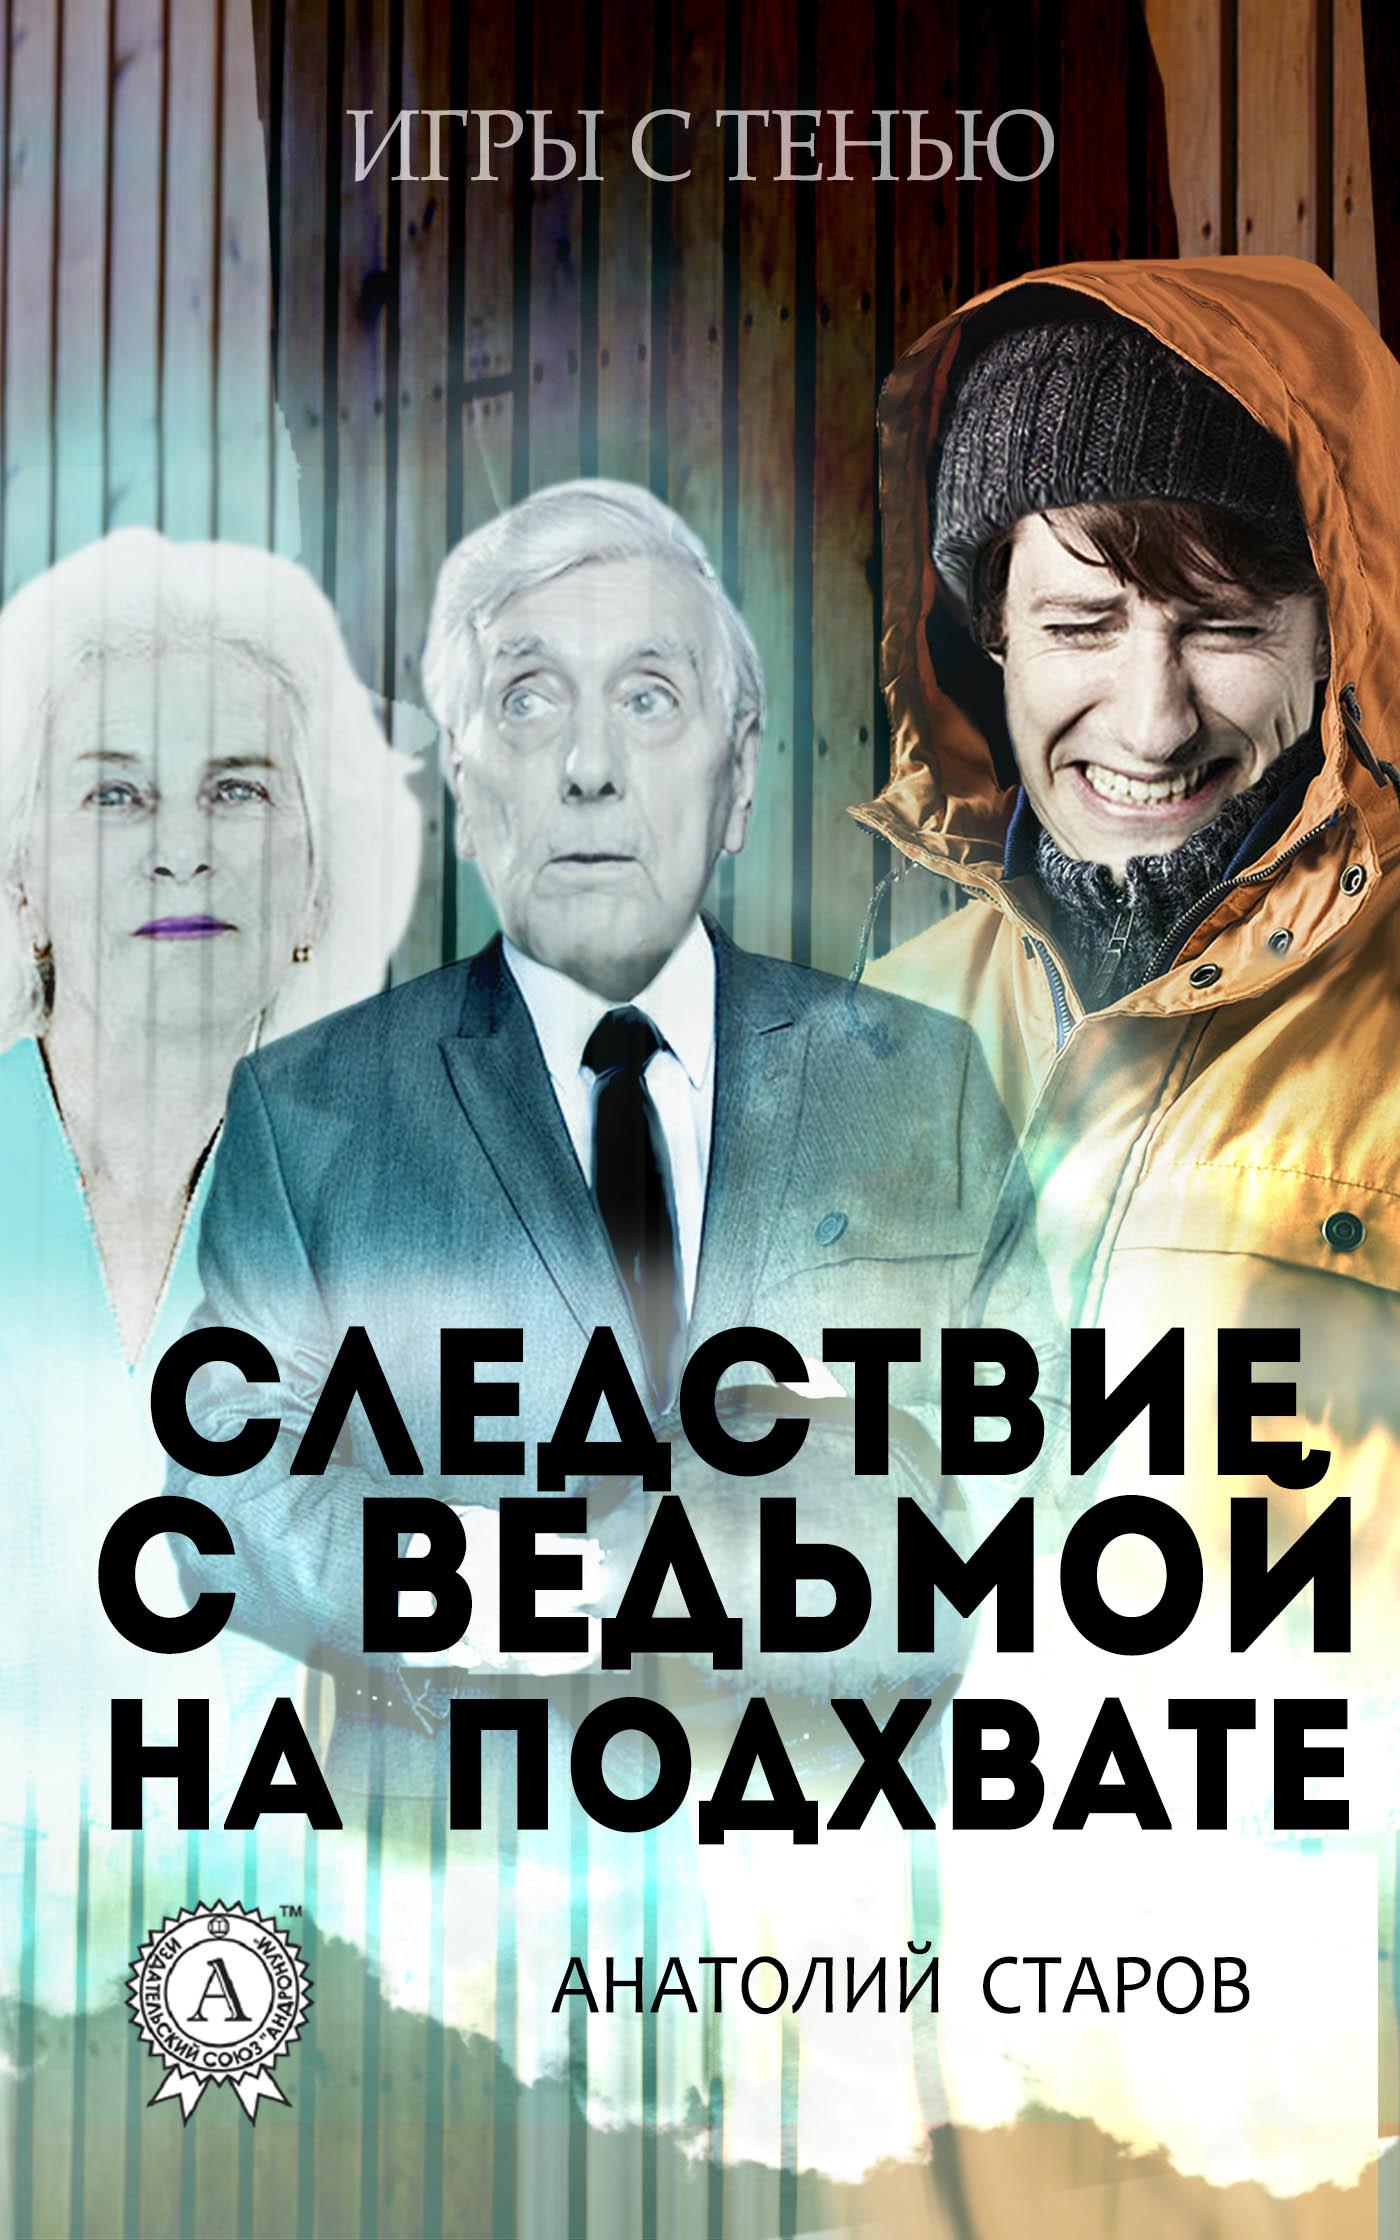 Анатолий Старов - Следствие с ведьмой на подхвате